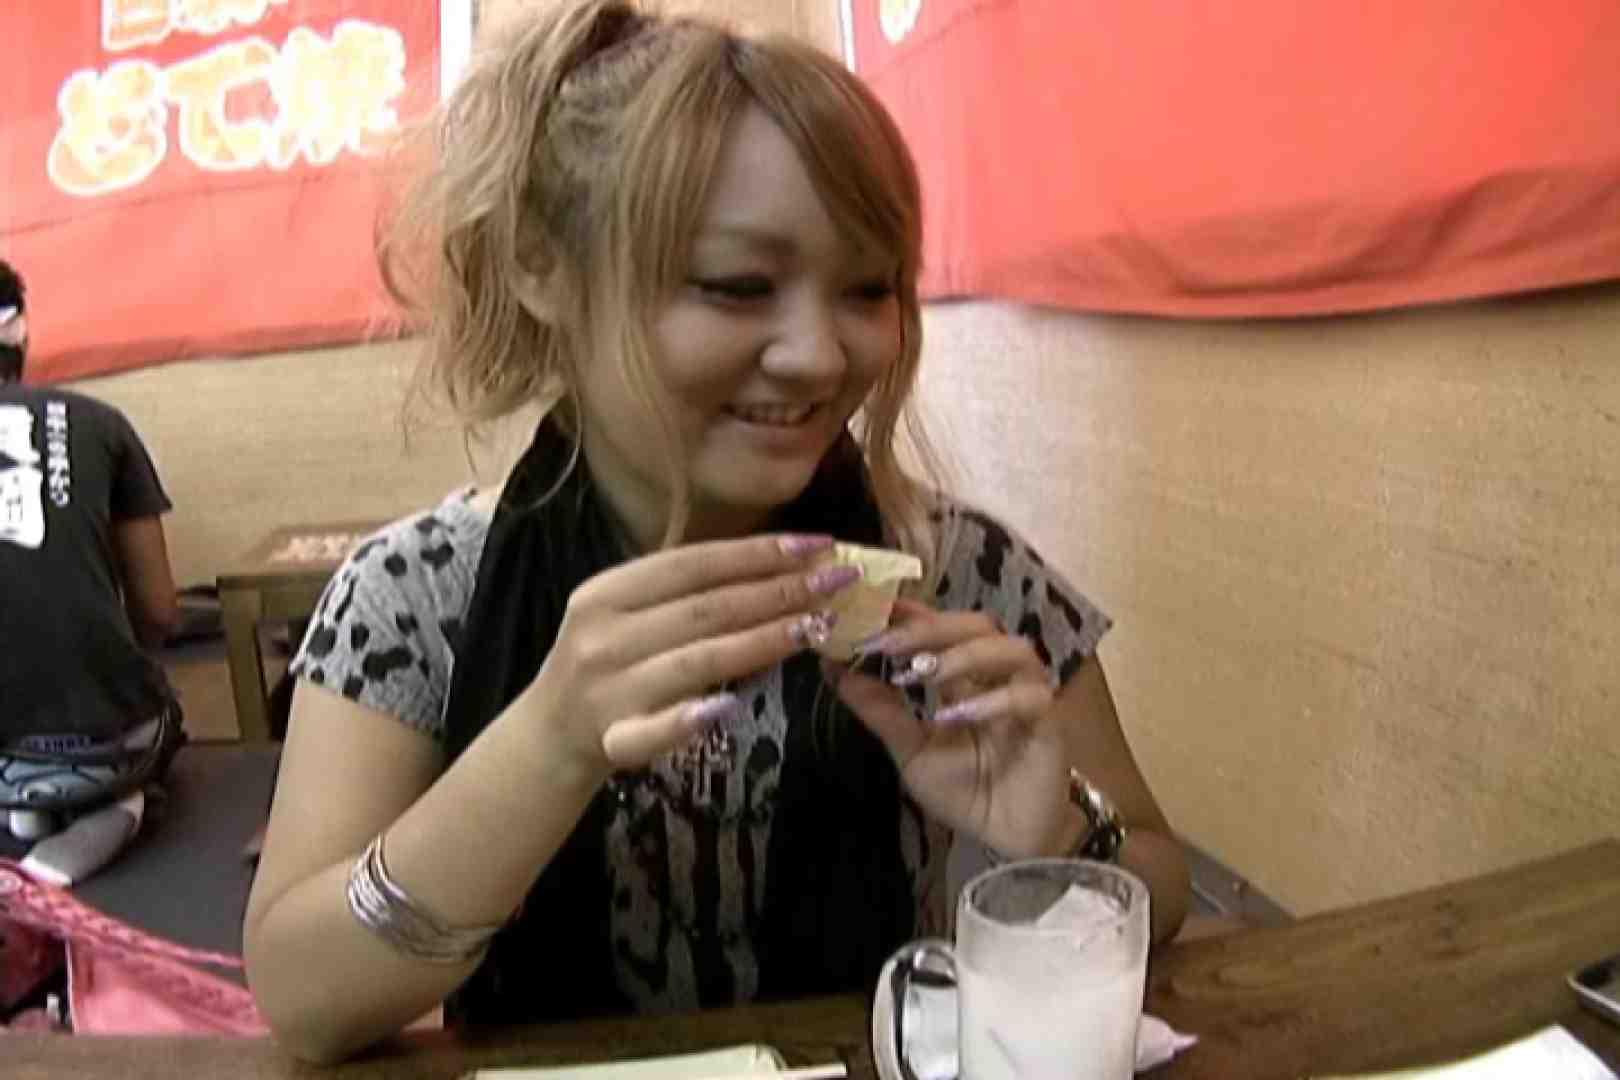 素人ナンパ本番撮り!出会い系でGET!Vol.01 本番ハメ撮り オマンコ無修正動画無料 10pic 8